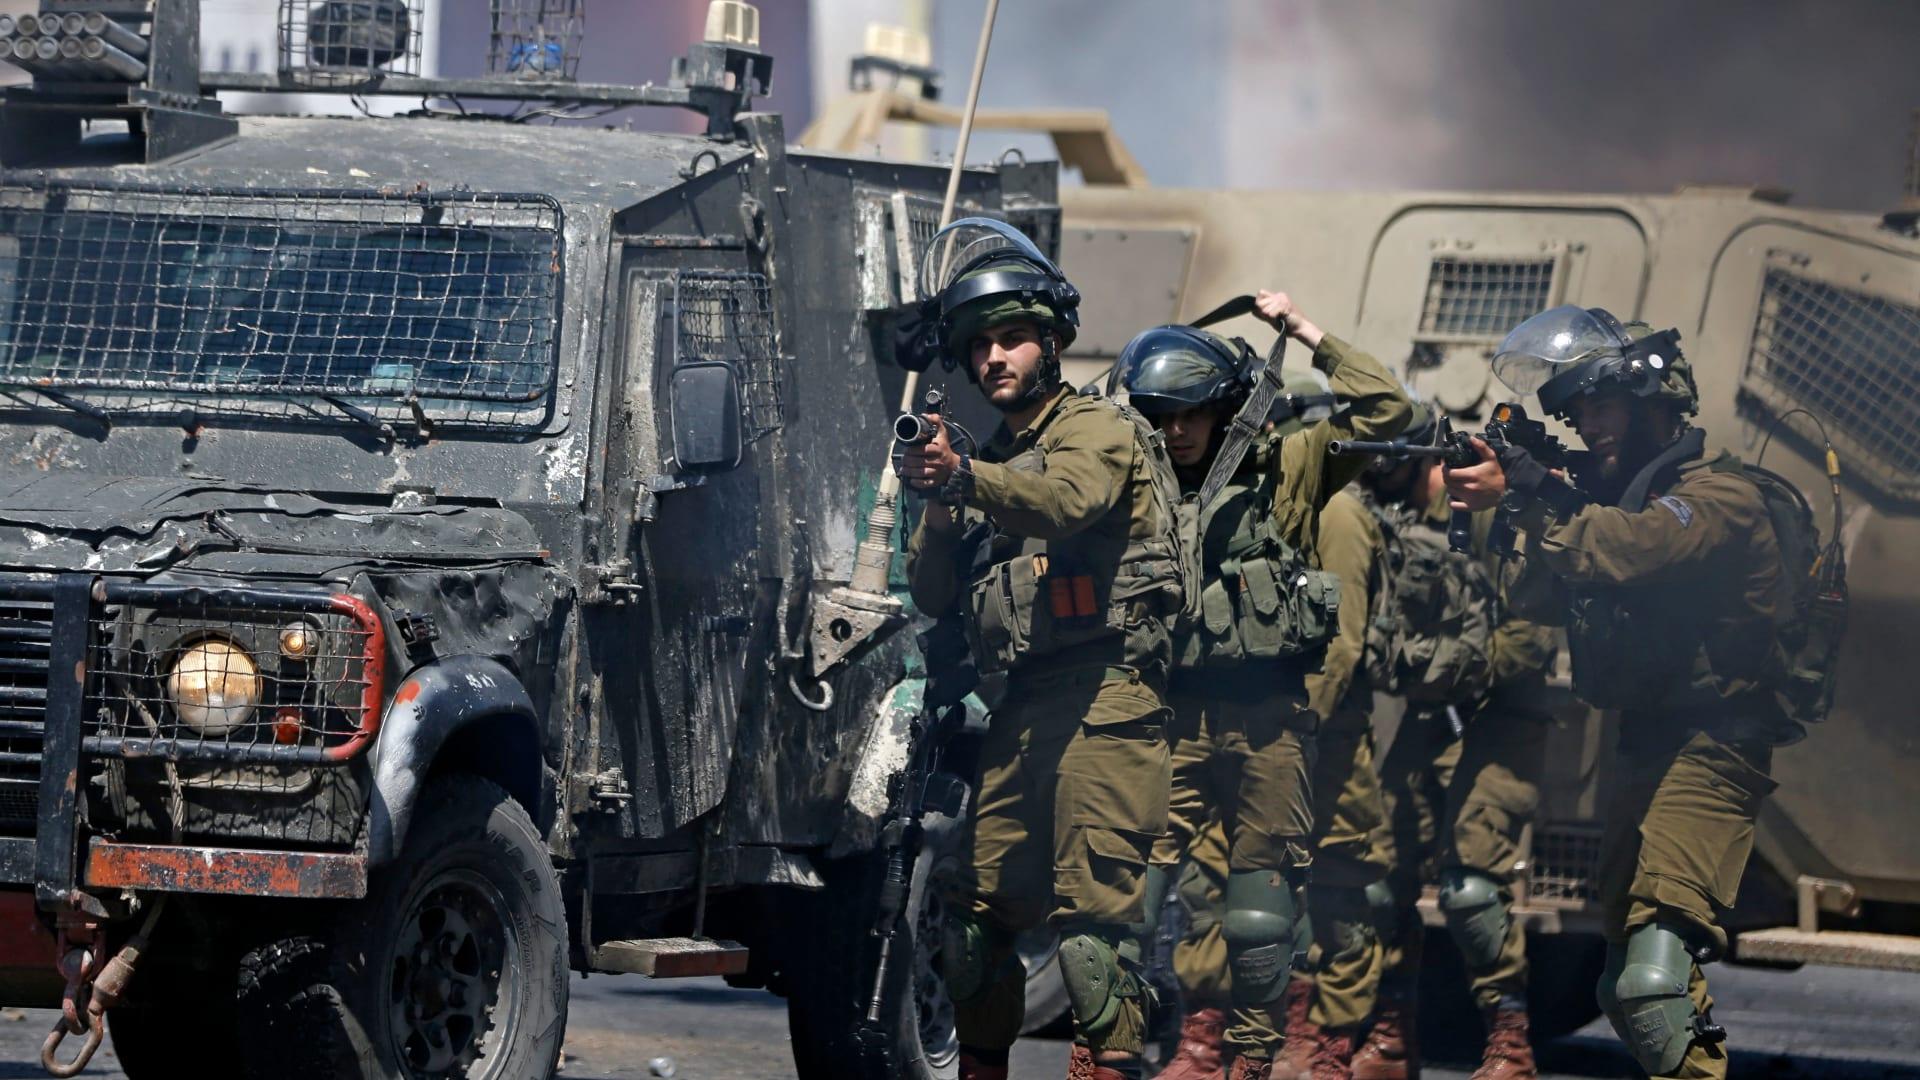 مقتل 7 فلسطينيين بالضفة.. وارتفاع عدد قتلى غزة إلى 122 بينهم 31 طفلاً